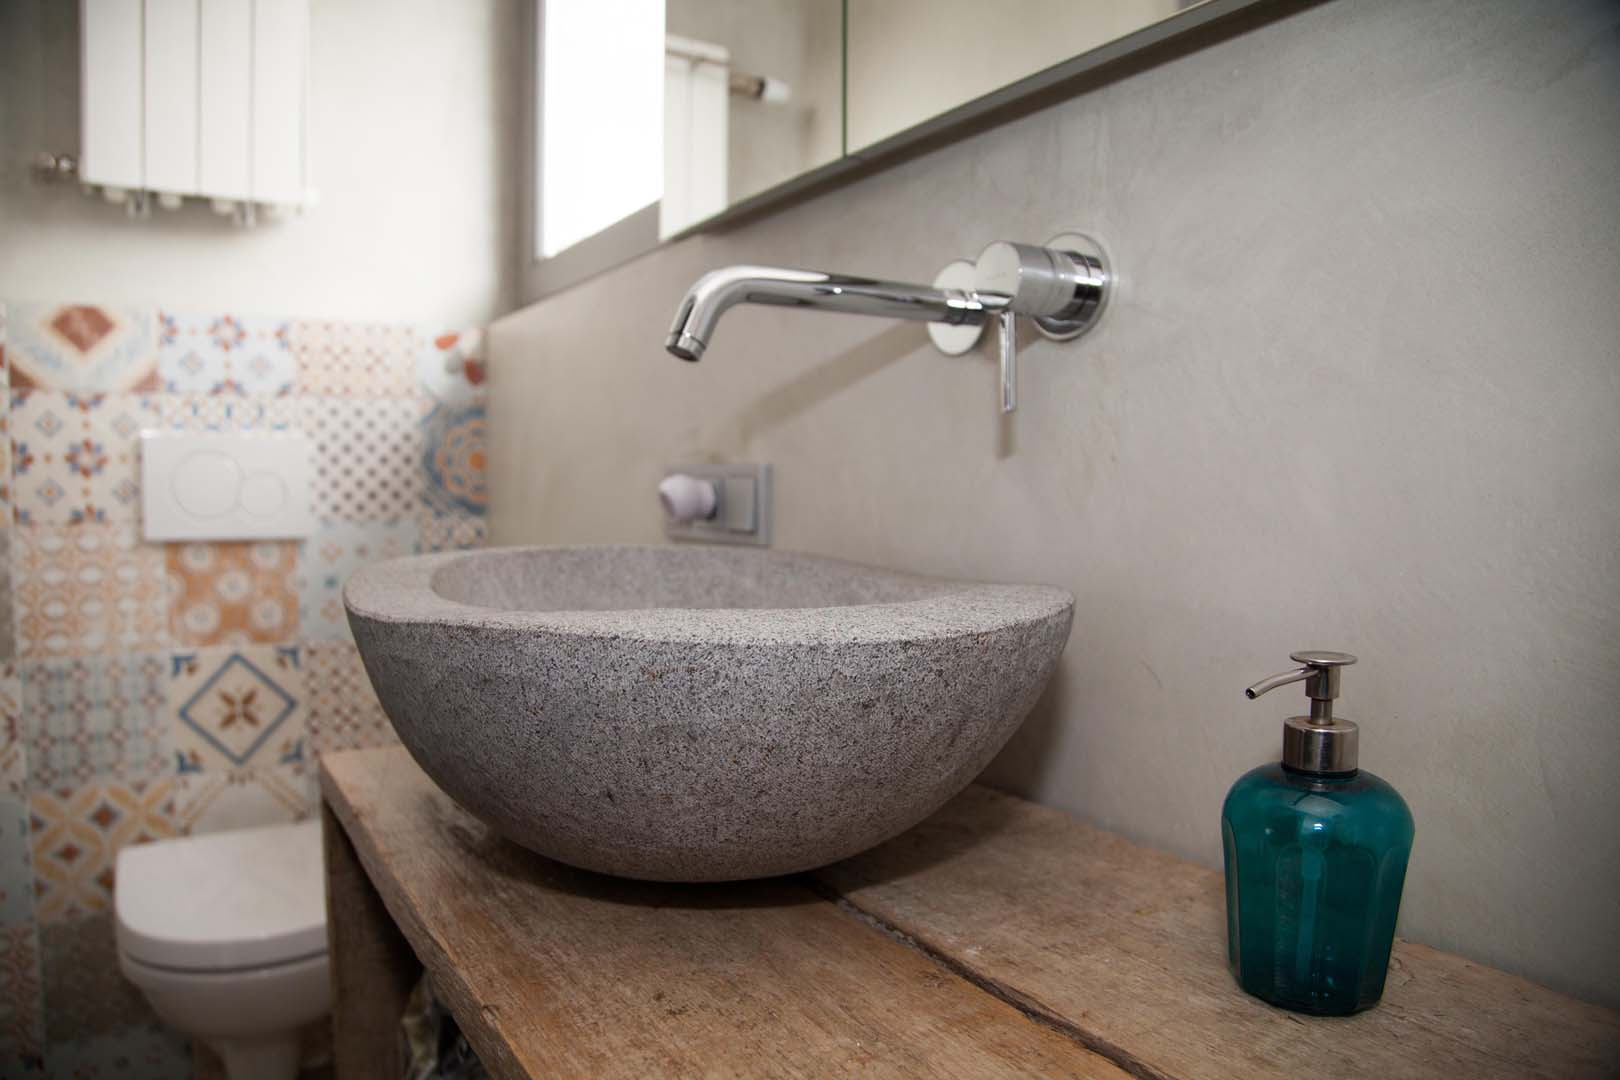 Renovatie Badkamer Tegels : Naturelook renovatie badkamer bergeijk